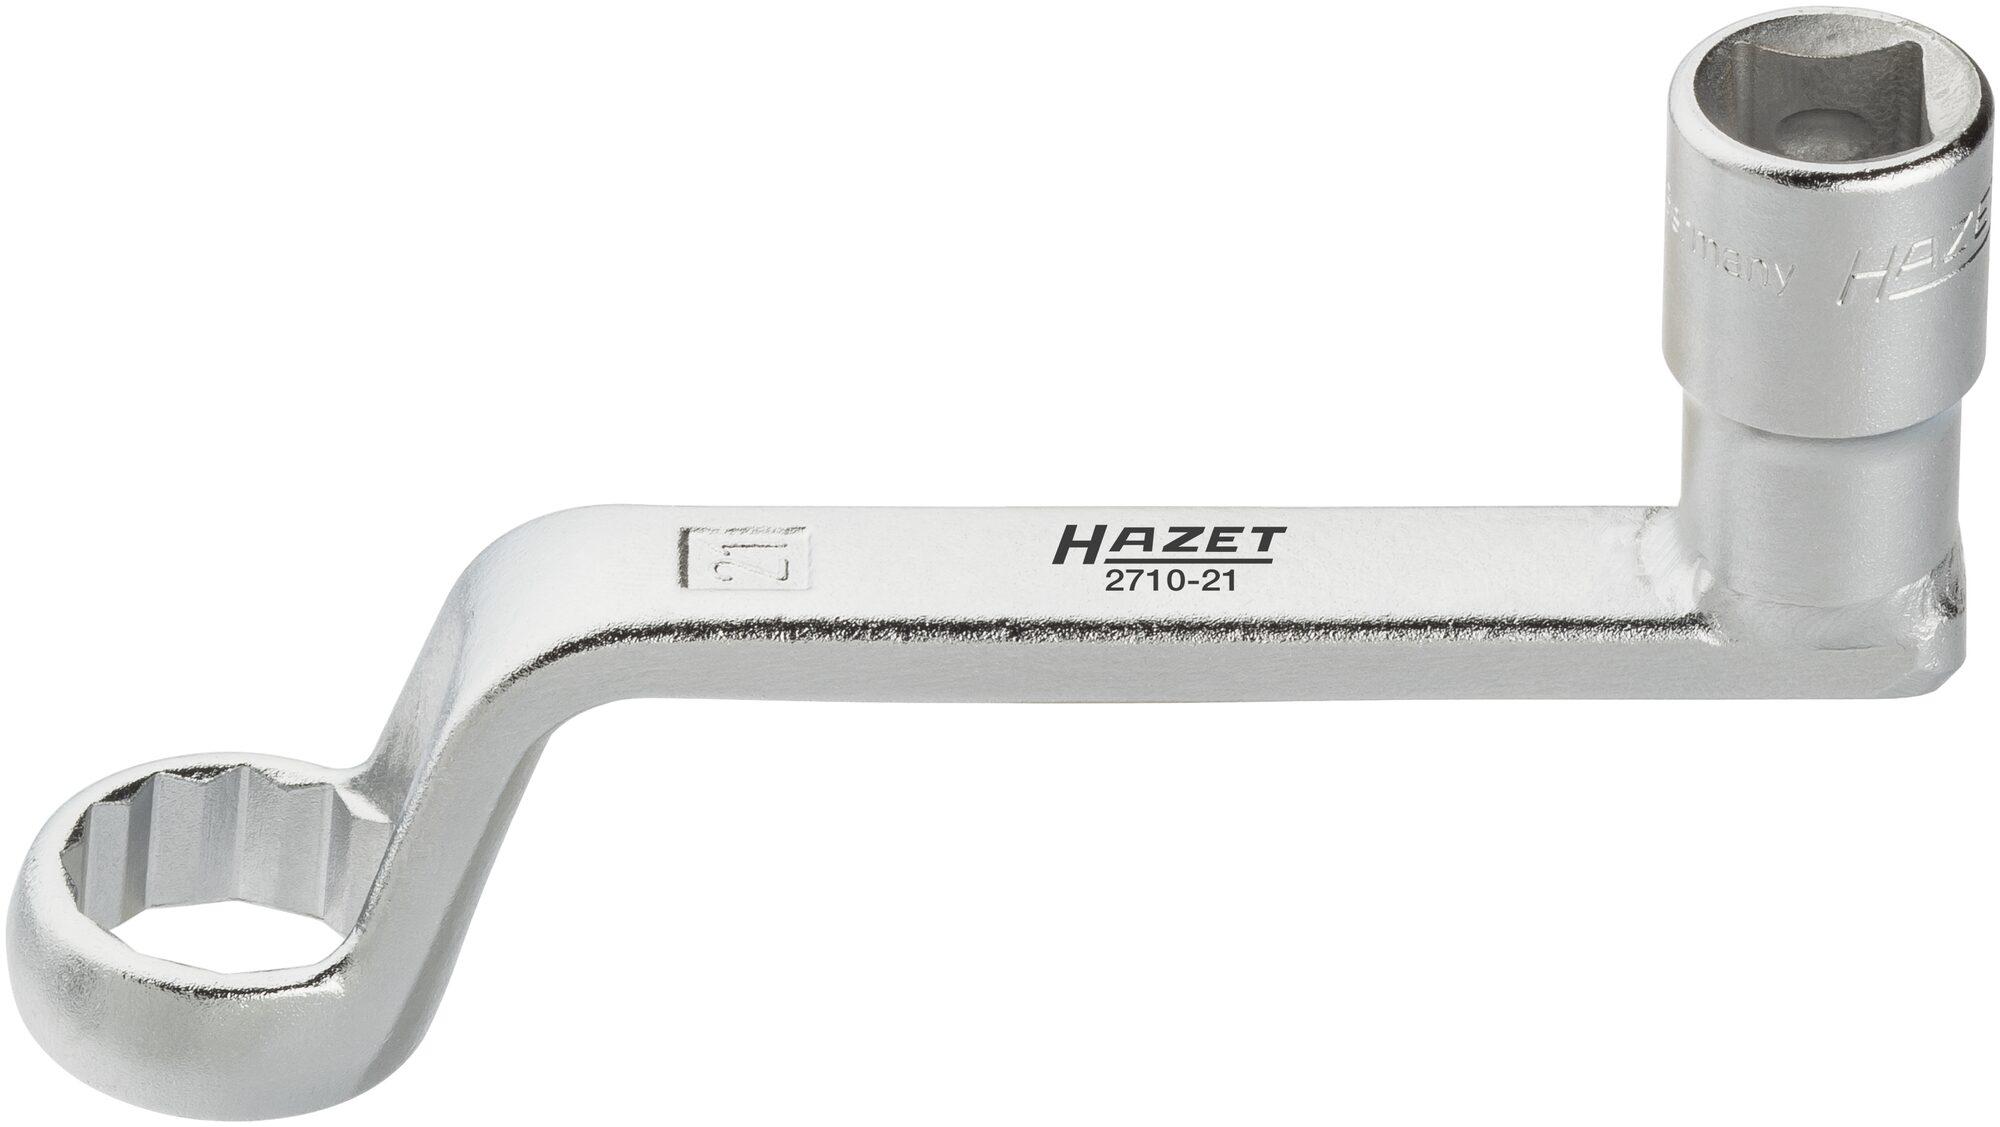 HAZET Sturzeinstellung Spezialwerkzeug 2710-21 ∙ Vierkant hohl 12,5 mm (1/2 Zoll) ∙ Außen-Doppel-Sechskant Profil